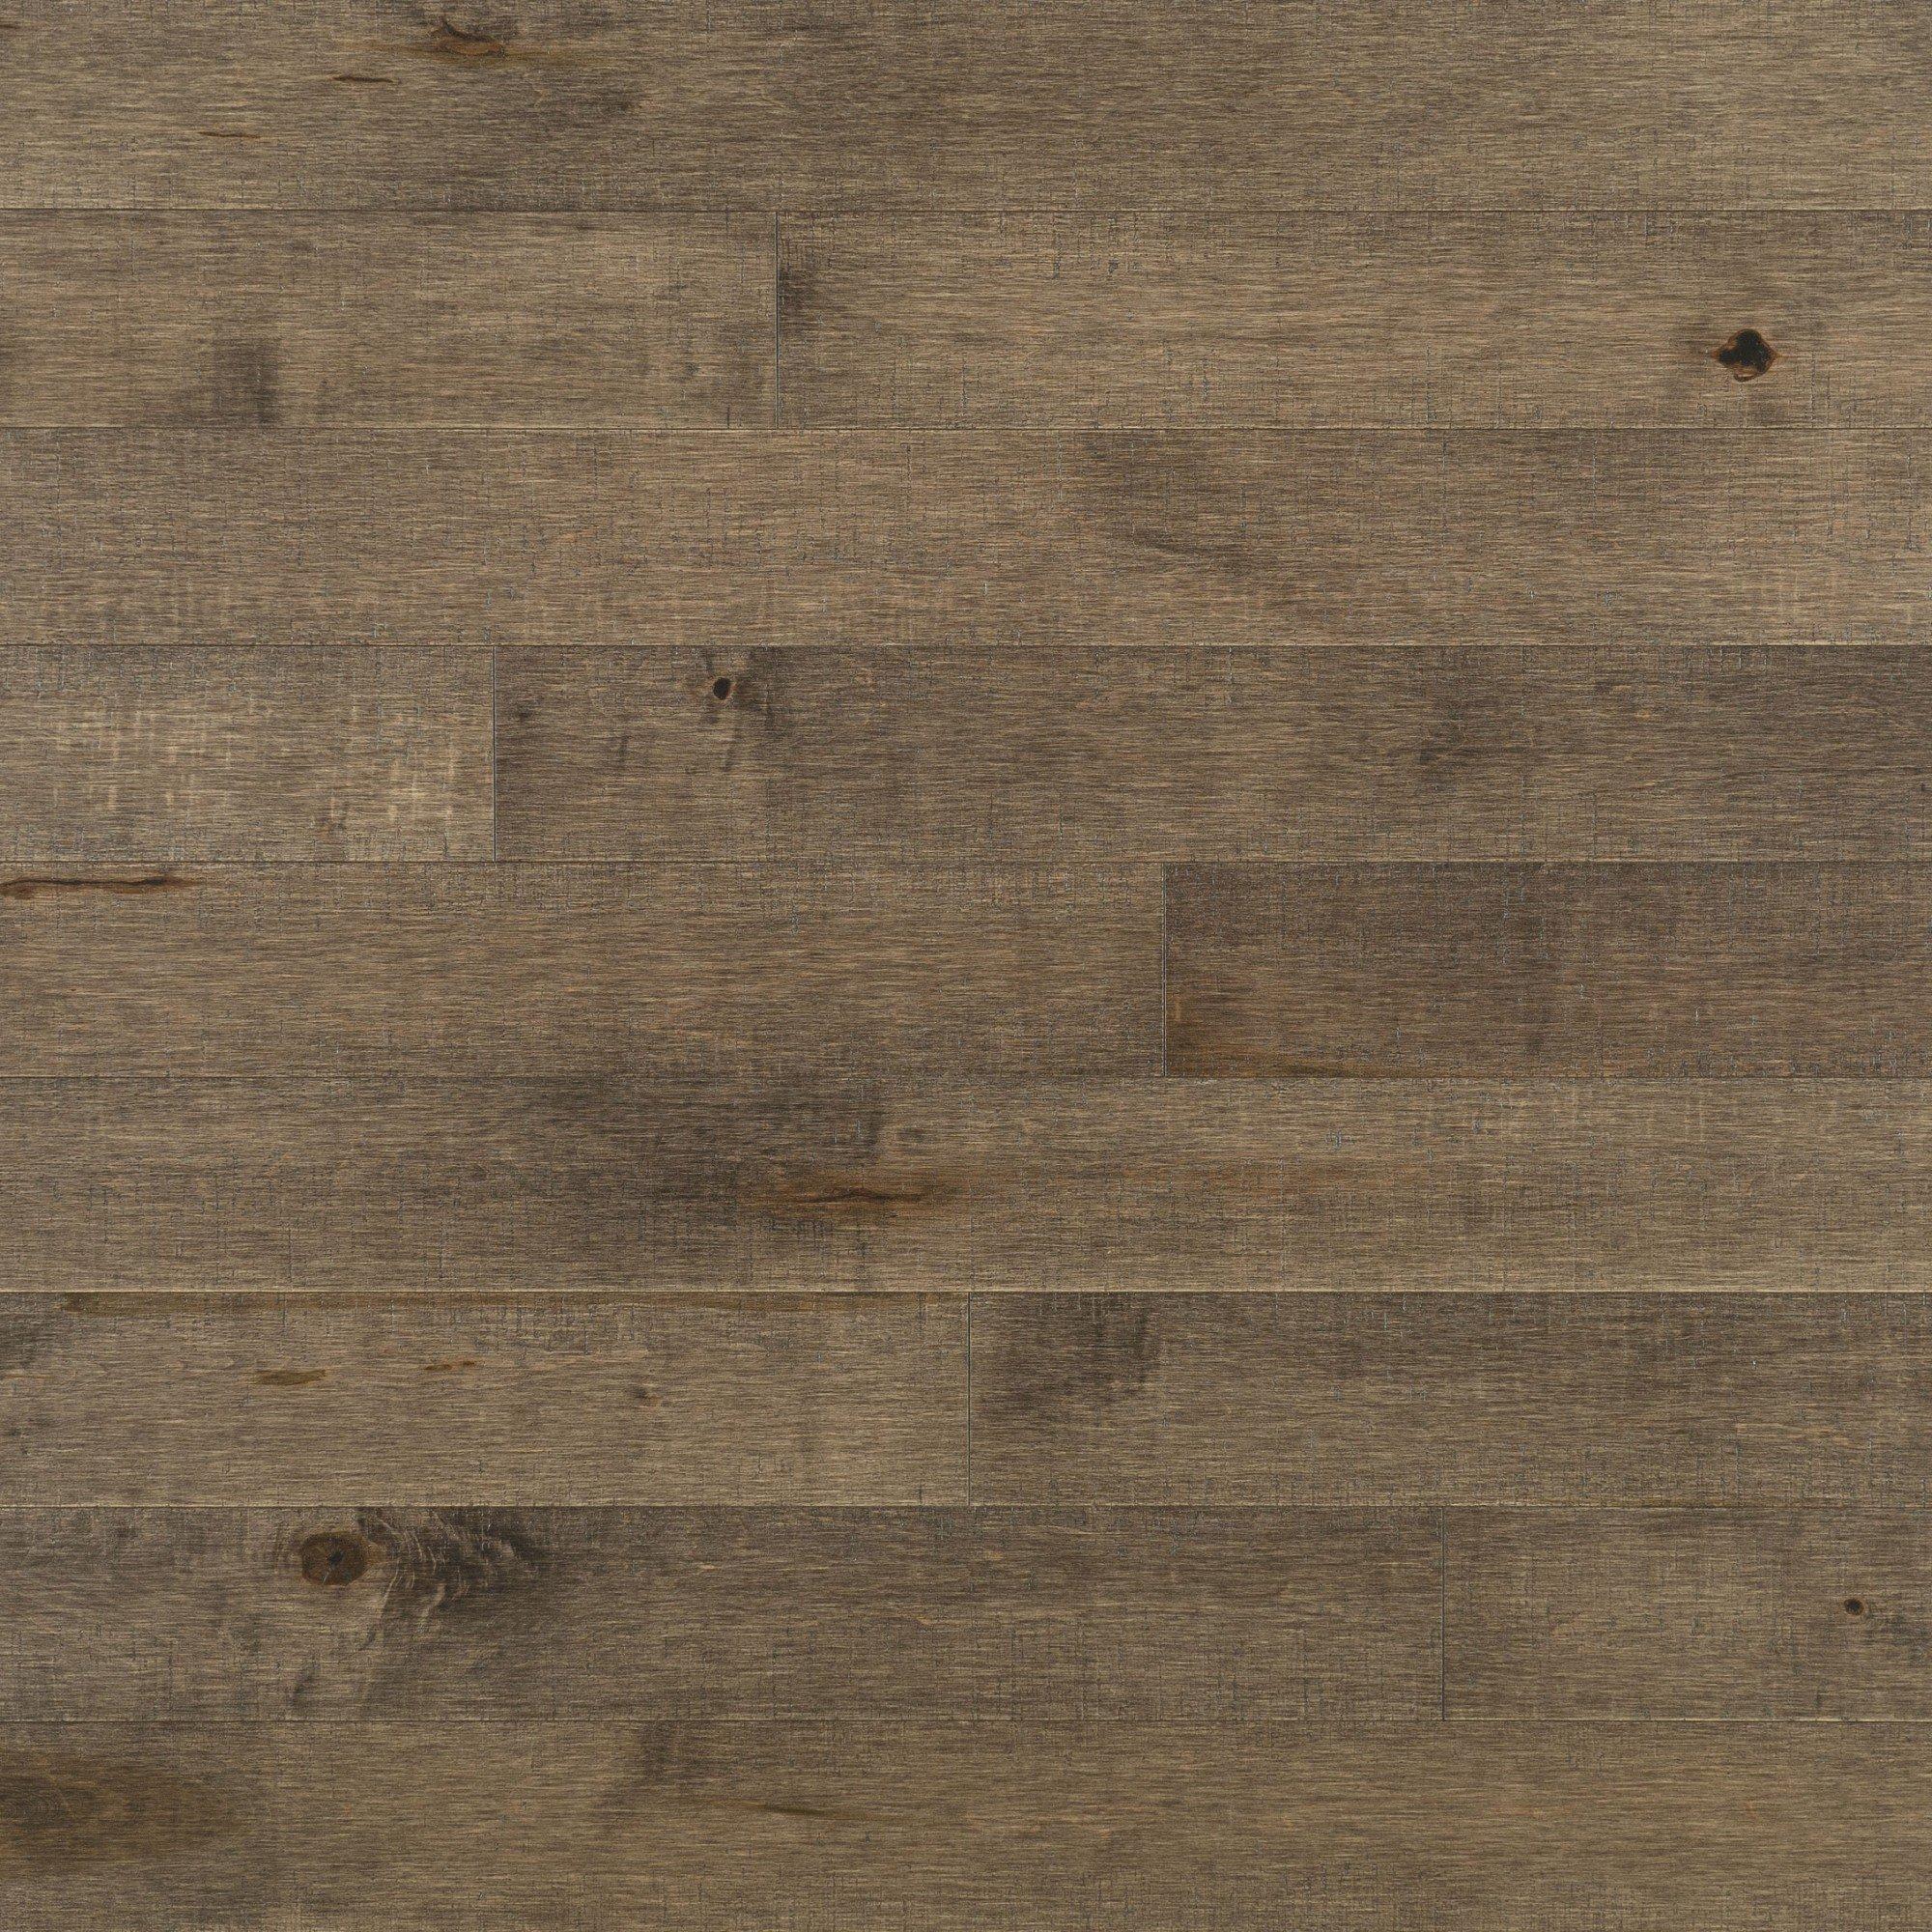 Érable Sandstone Caractère Liège - Image plancher